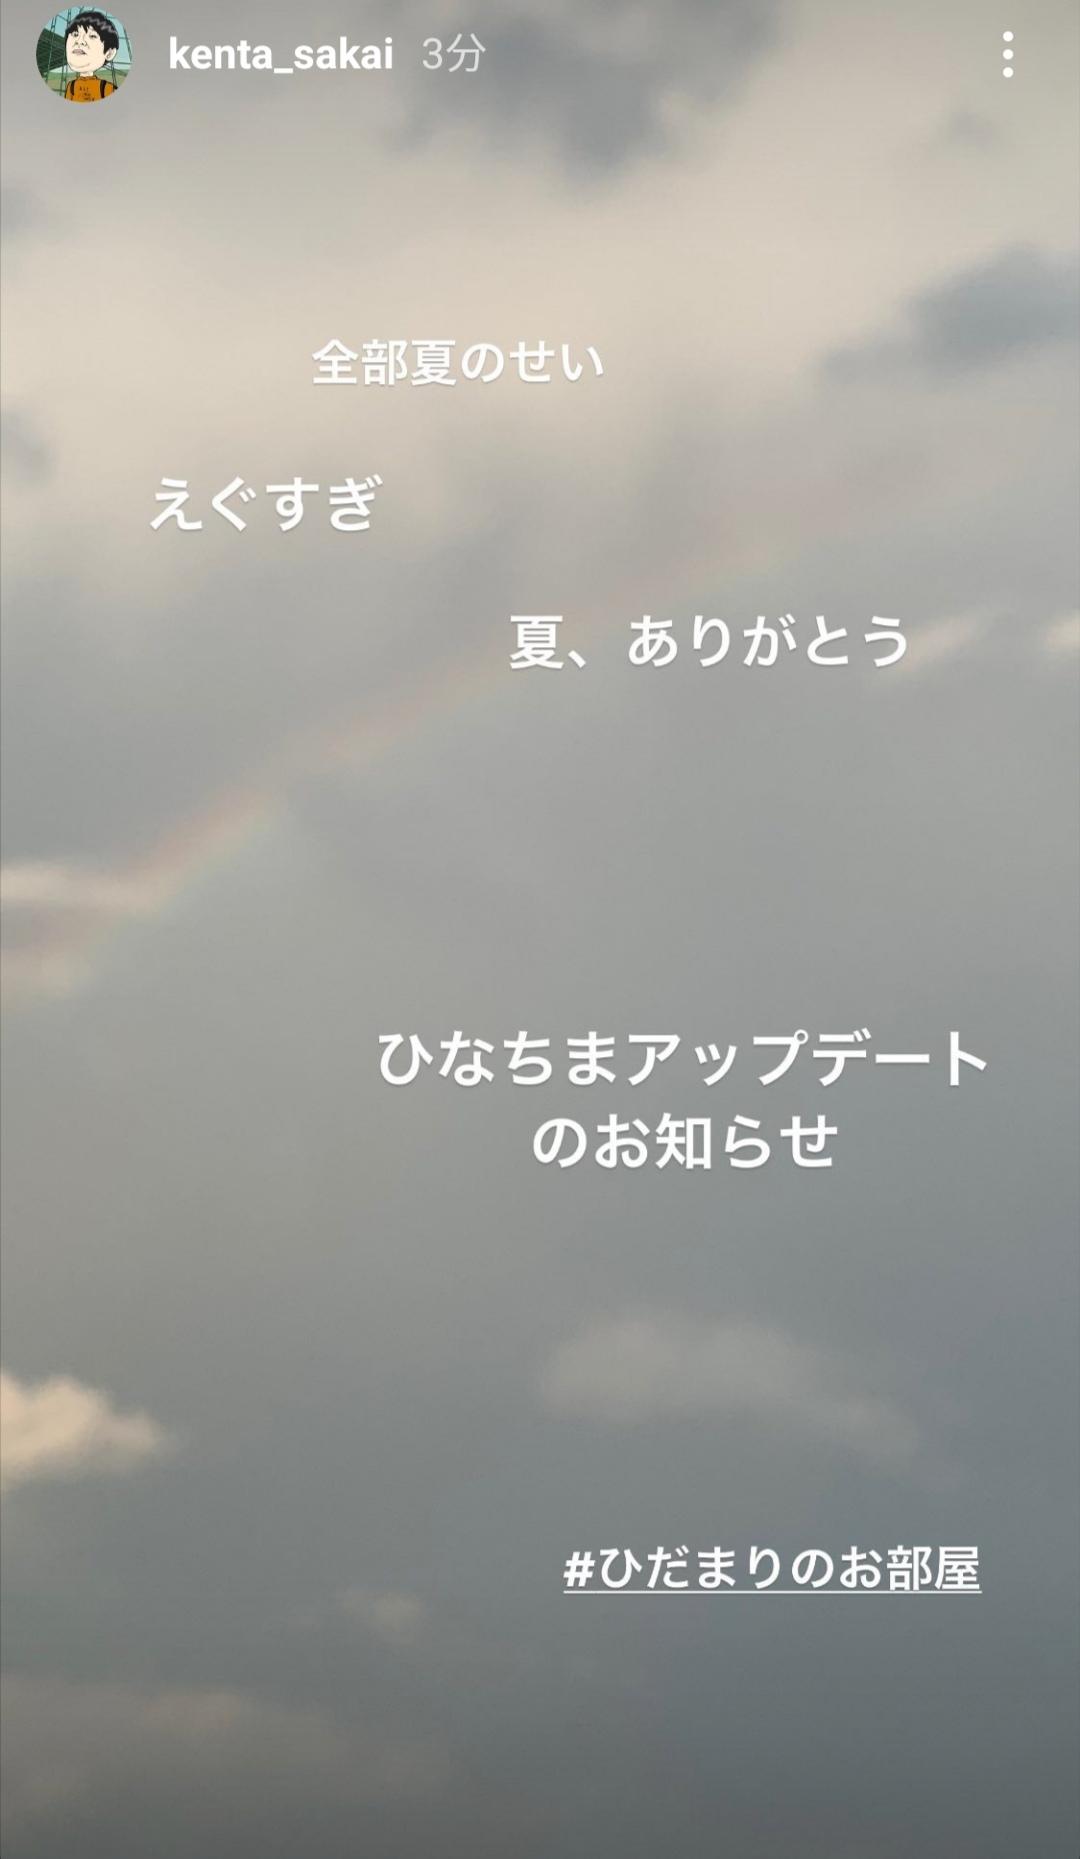 アルコ&ピース酒井「ひなちまアップデートのお知らせ」